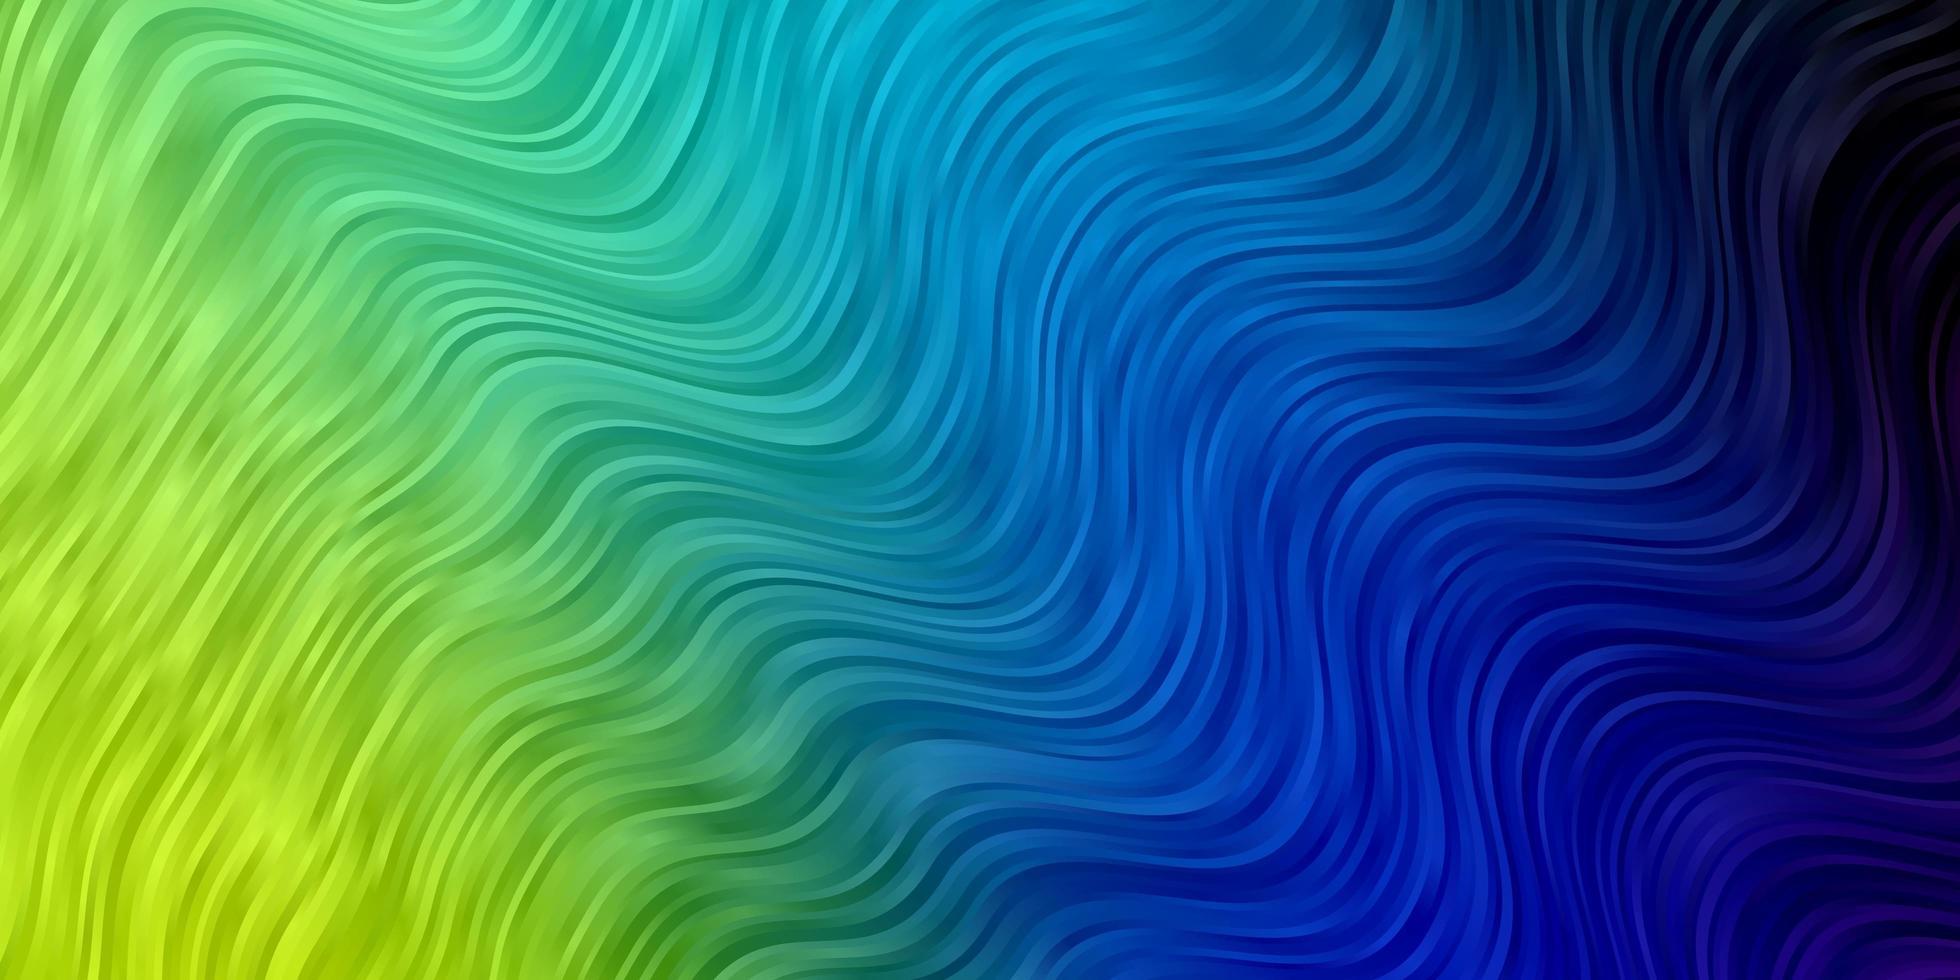 licht veelkleurig vectorpatroon met wrange lijnen. vector